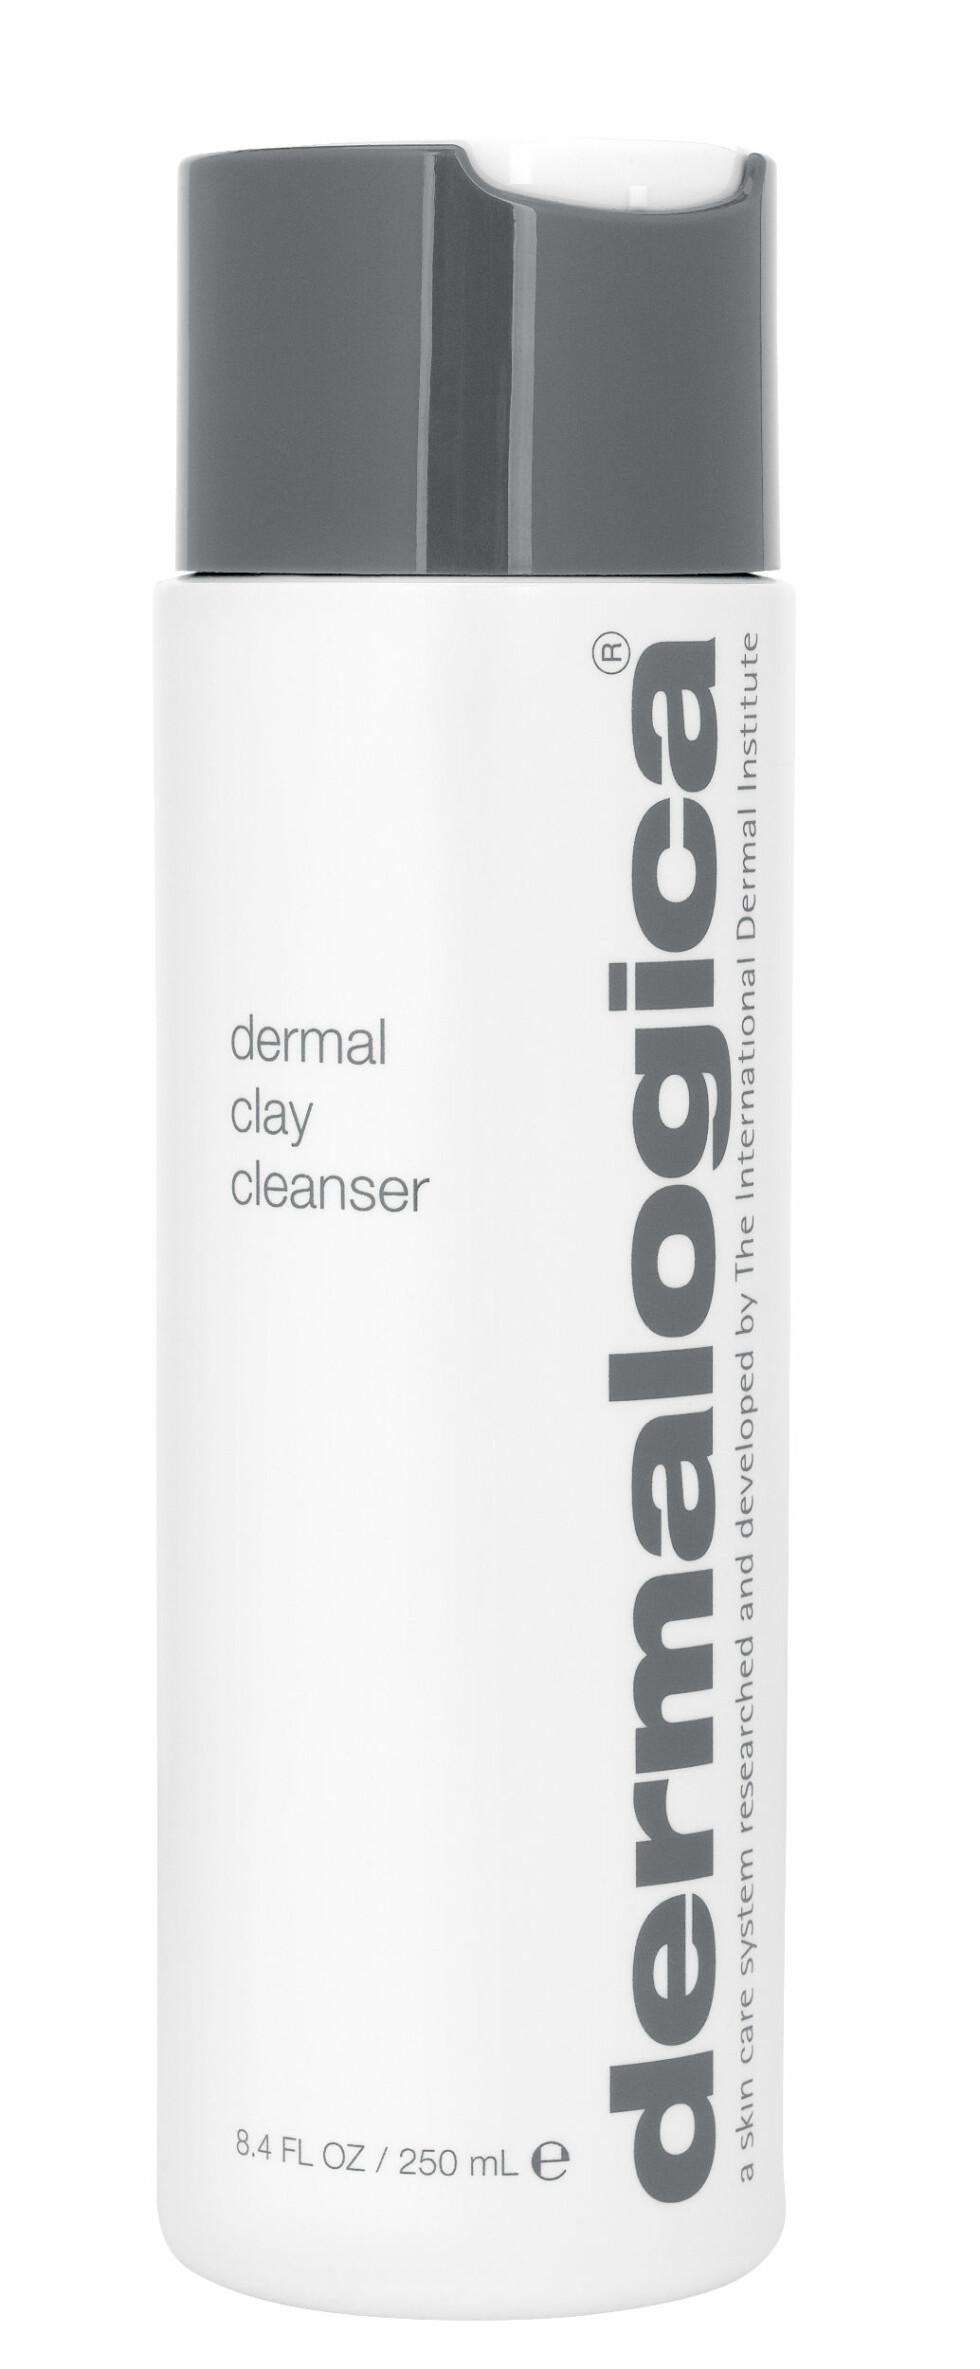 Dermal Clay Cleanser fra Dermalogica er et leirebasert renseprodukt som fjerner overflødig talg og gjenskaper hudens struktur. Passer for deg med fet eller blank hud, kr 350.  Foto: Produsenten